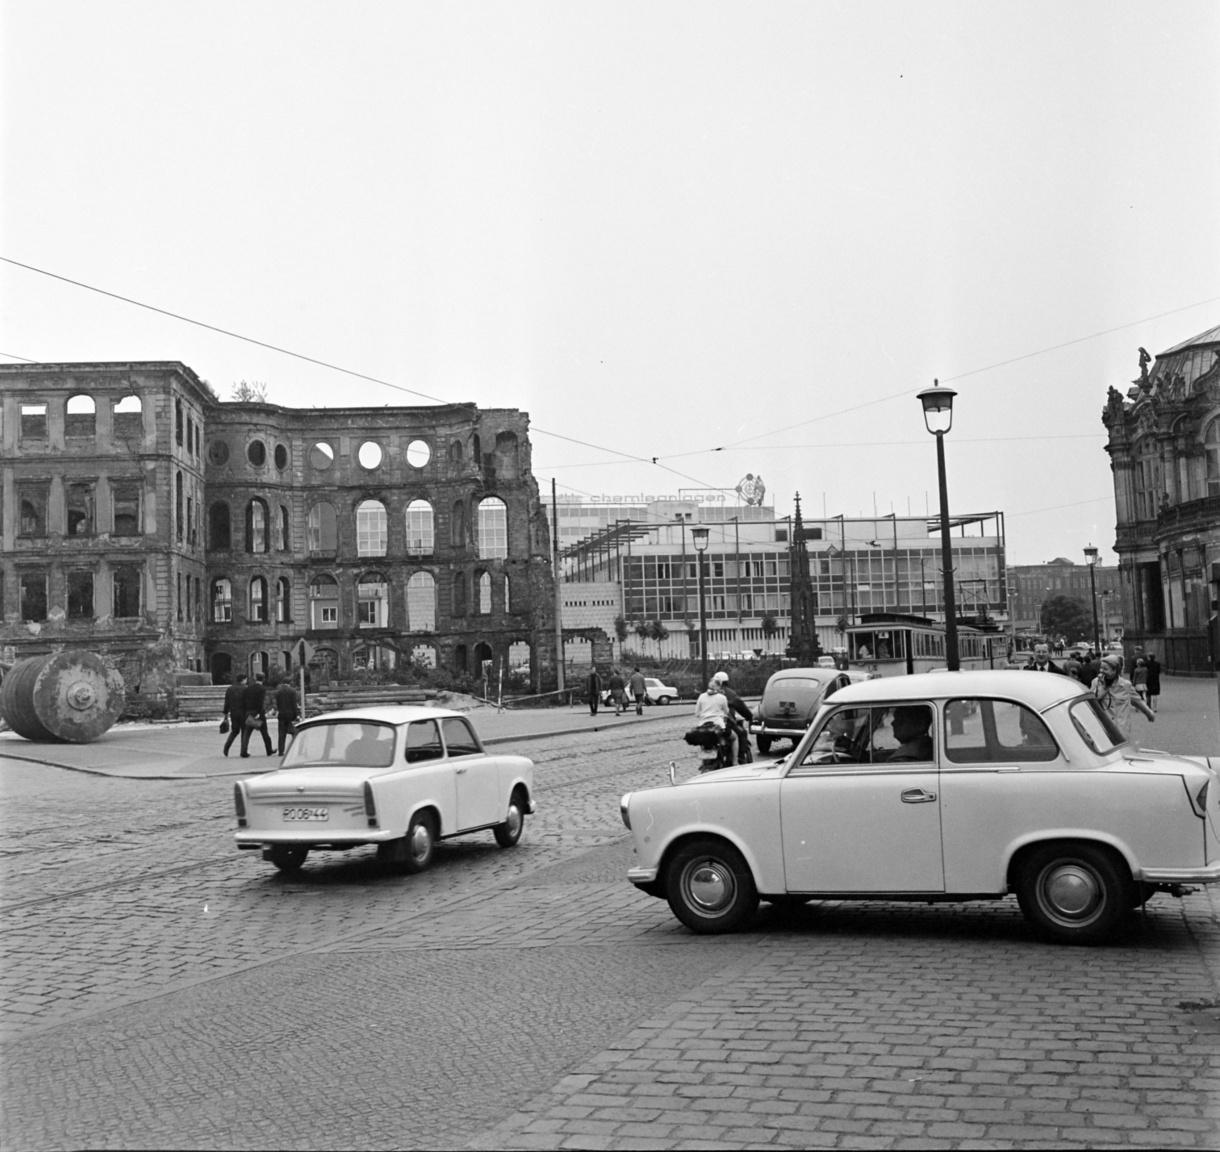 Talán nem is lehetne jobban kifejezni egy képben a hatvanas évekbeli NDK helyzetét: a háttérben még mindig háborús romok, az utcán viszont már ott pöfög a Trabant két generációja: balra a legendássá vált autó egyik hatvanas évek eleji szériája (talán egy Trabant 500-as) jobbra pedig ott hasít a Magyarországon is tömegesen elterjedté vált 601-es. Az anyaghiánnyal küzdő ország által gyártott autó már a tervezésekor is elavultnak számított, mégis sokan szerették, mert olcsó és könnyen javítható volt.